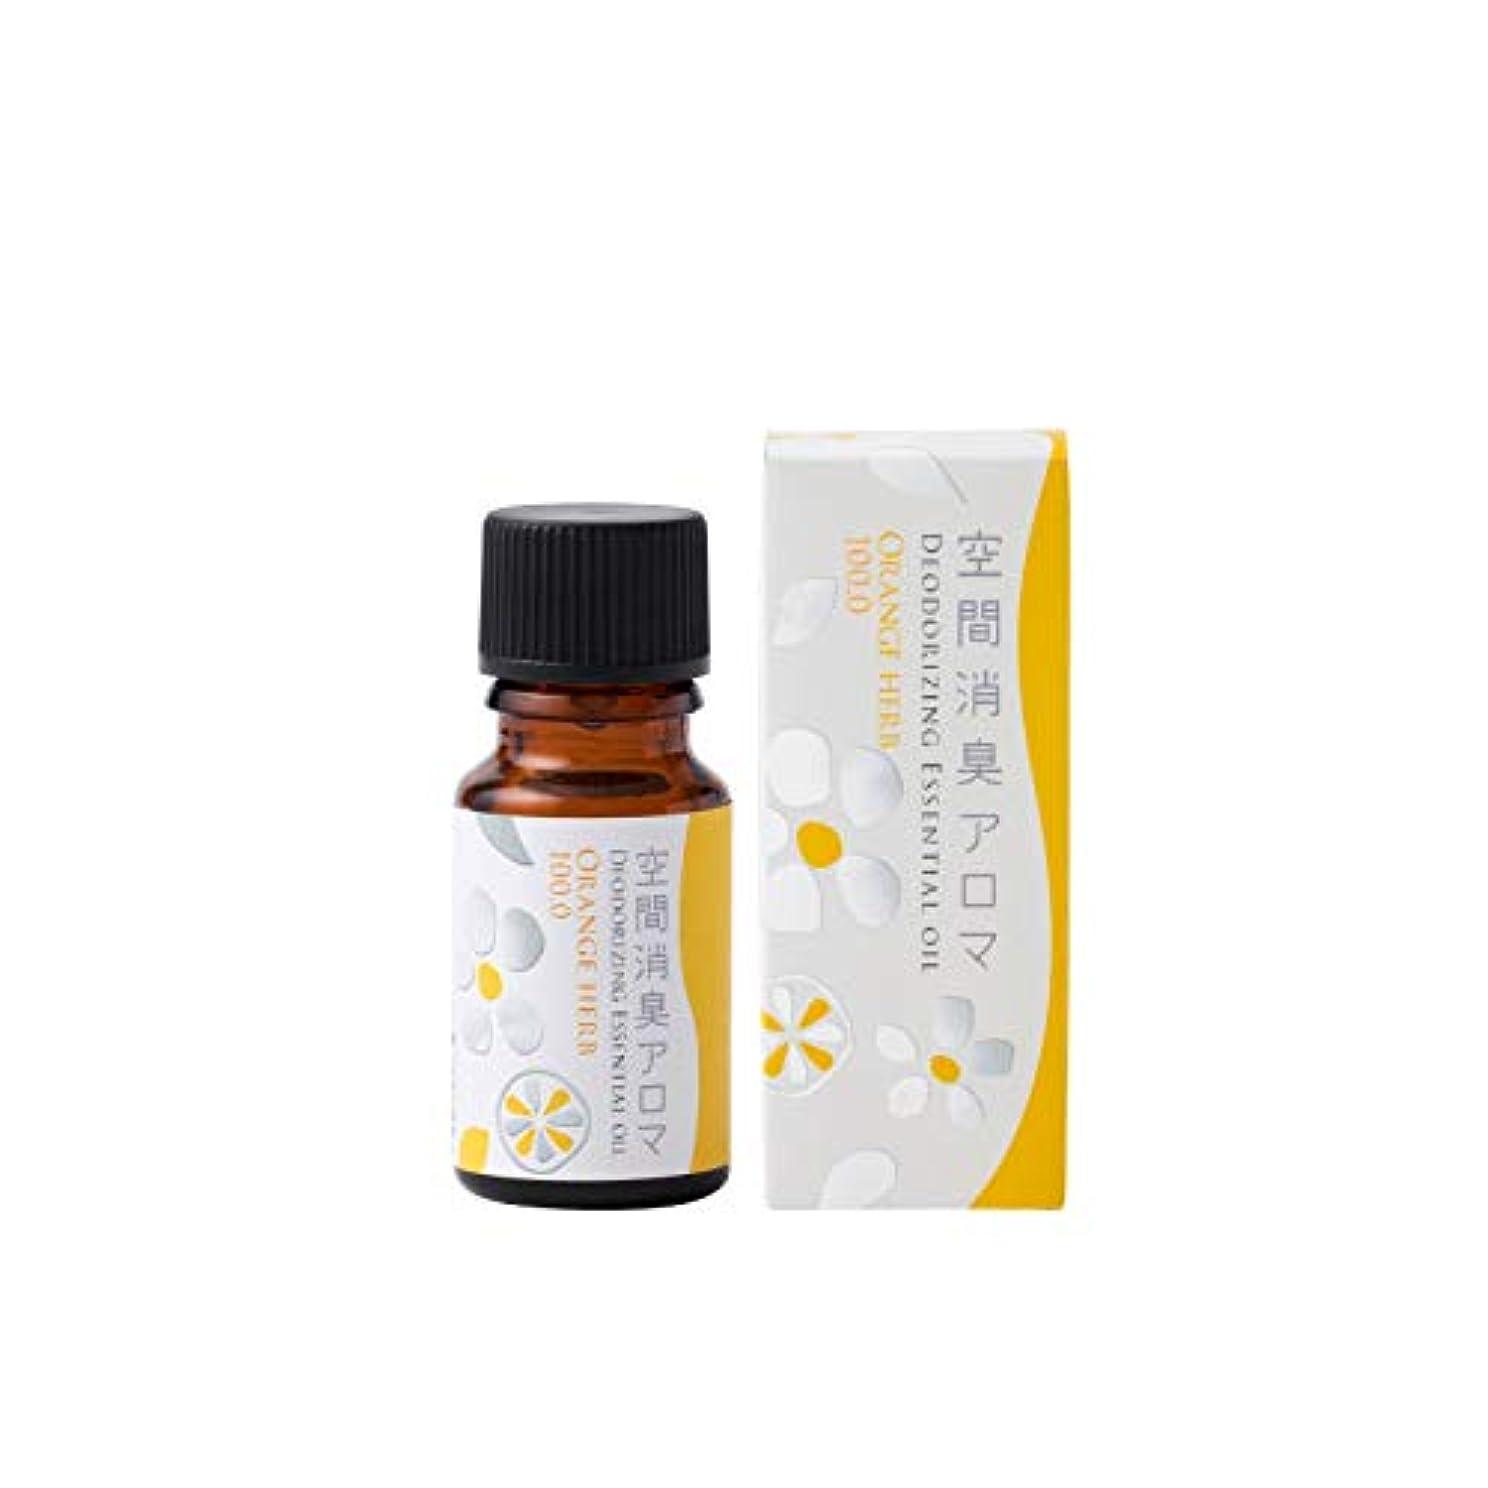 飼料口述うがい薬生活の木 ブレンド エッセンシャルオイル 空間消臭アロマ オレンジハーブ 100.0 10ml エッセンシャルオイル 精油